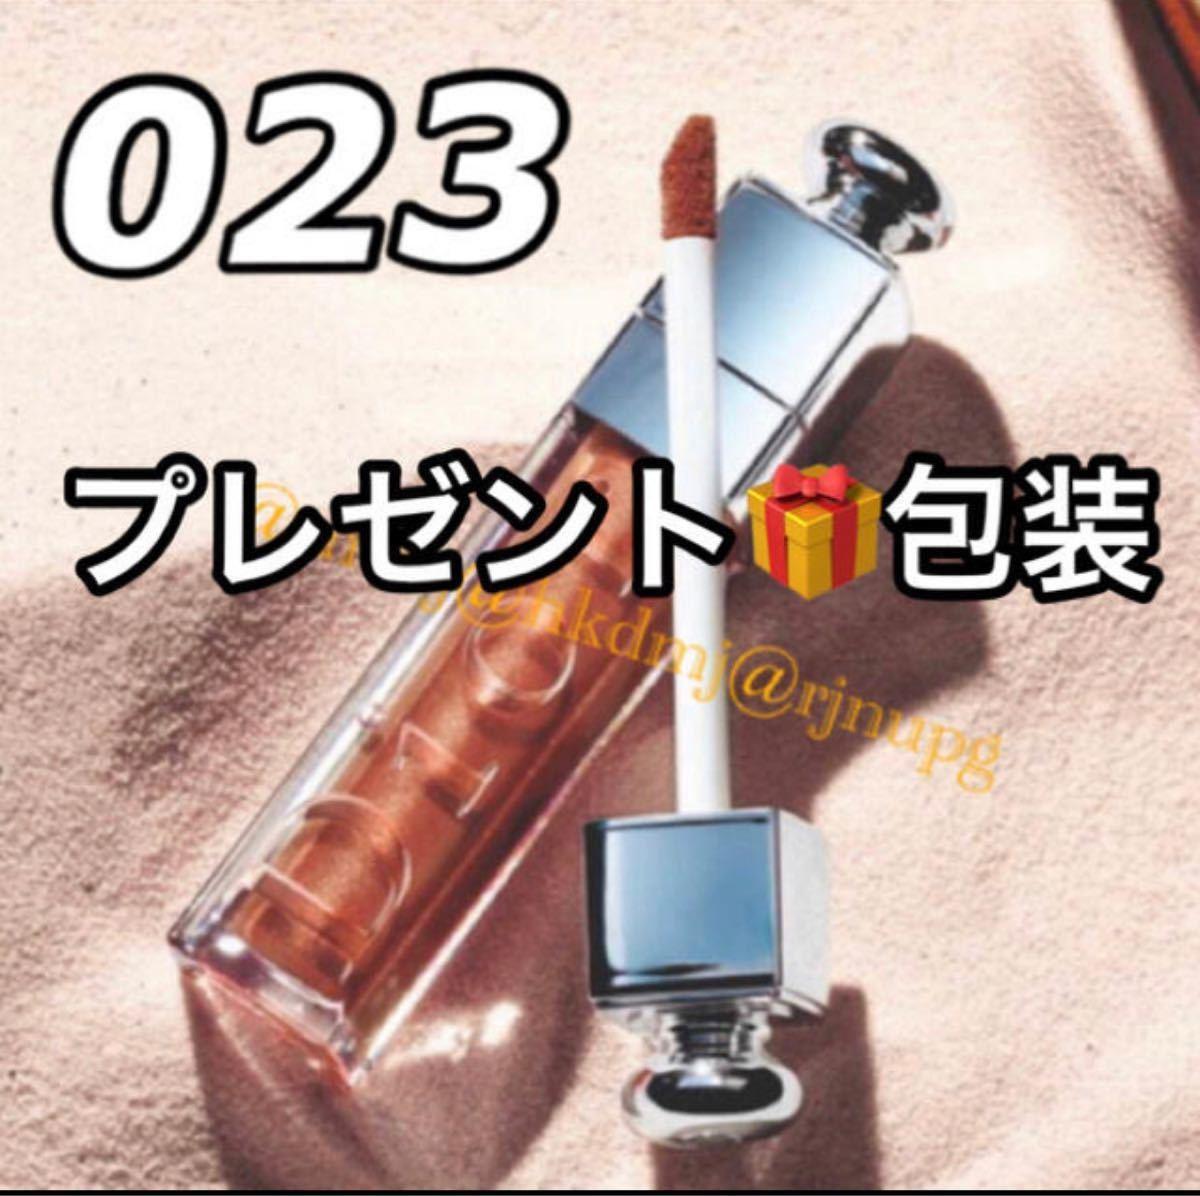 ディオール 2021 サマー 限定 アディクト リップ マキシマイザー 023 プレゼント包装 ギフトバッグ付き